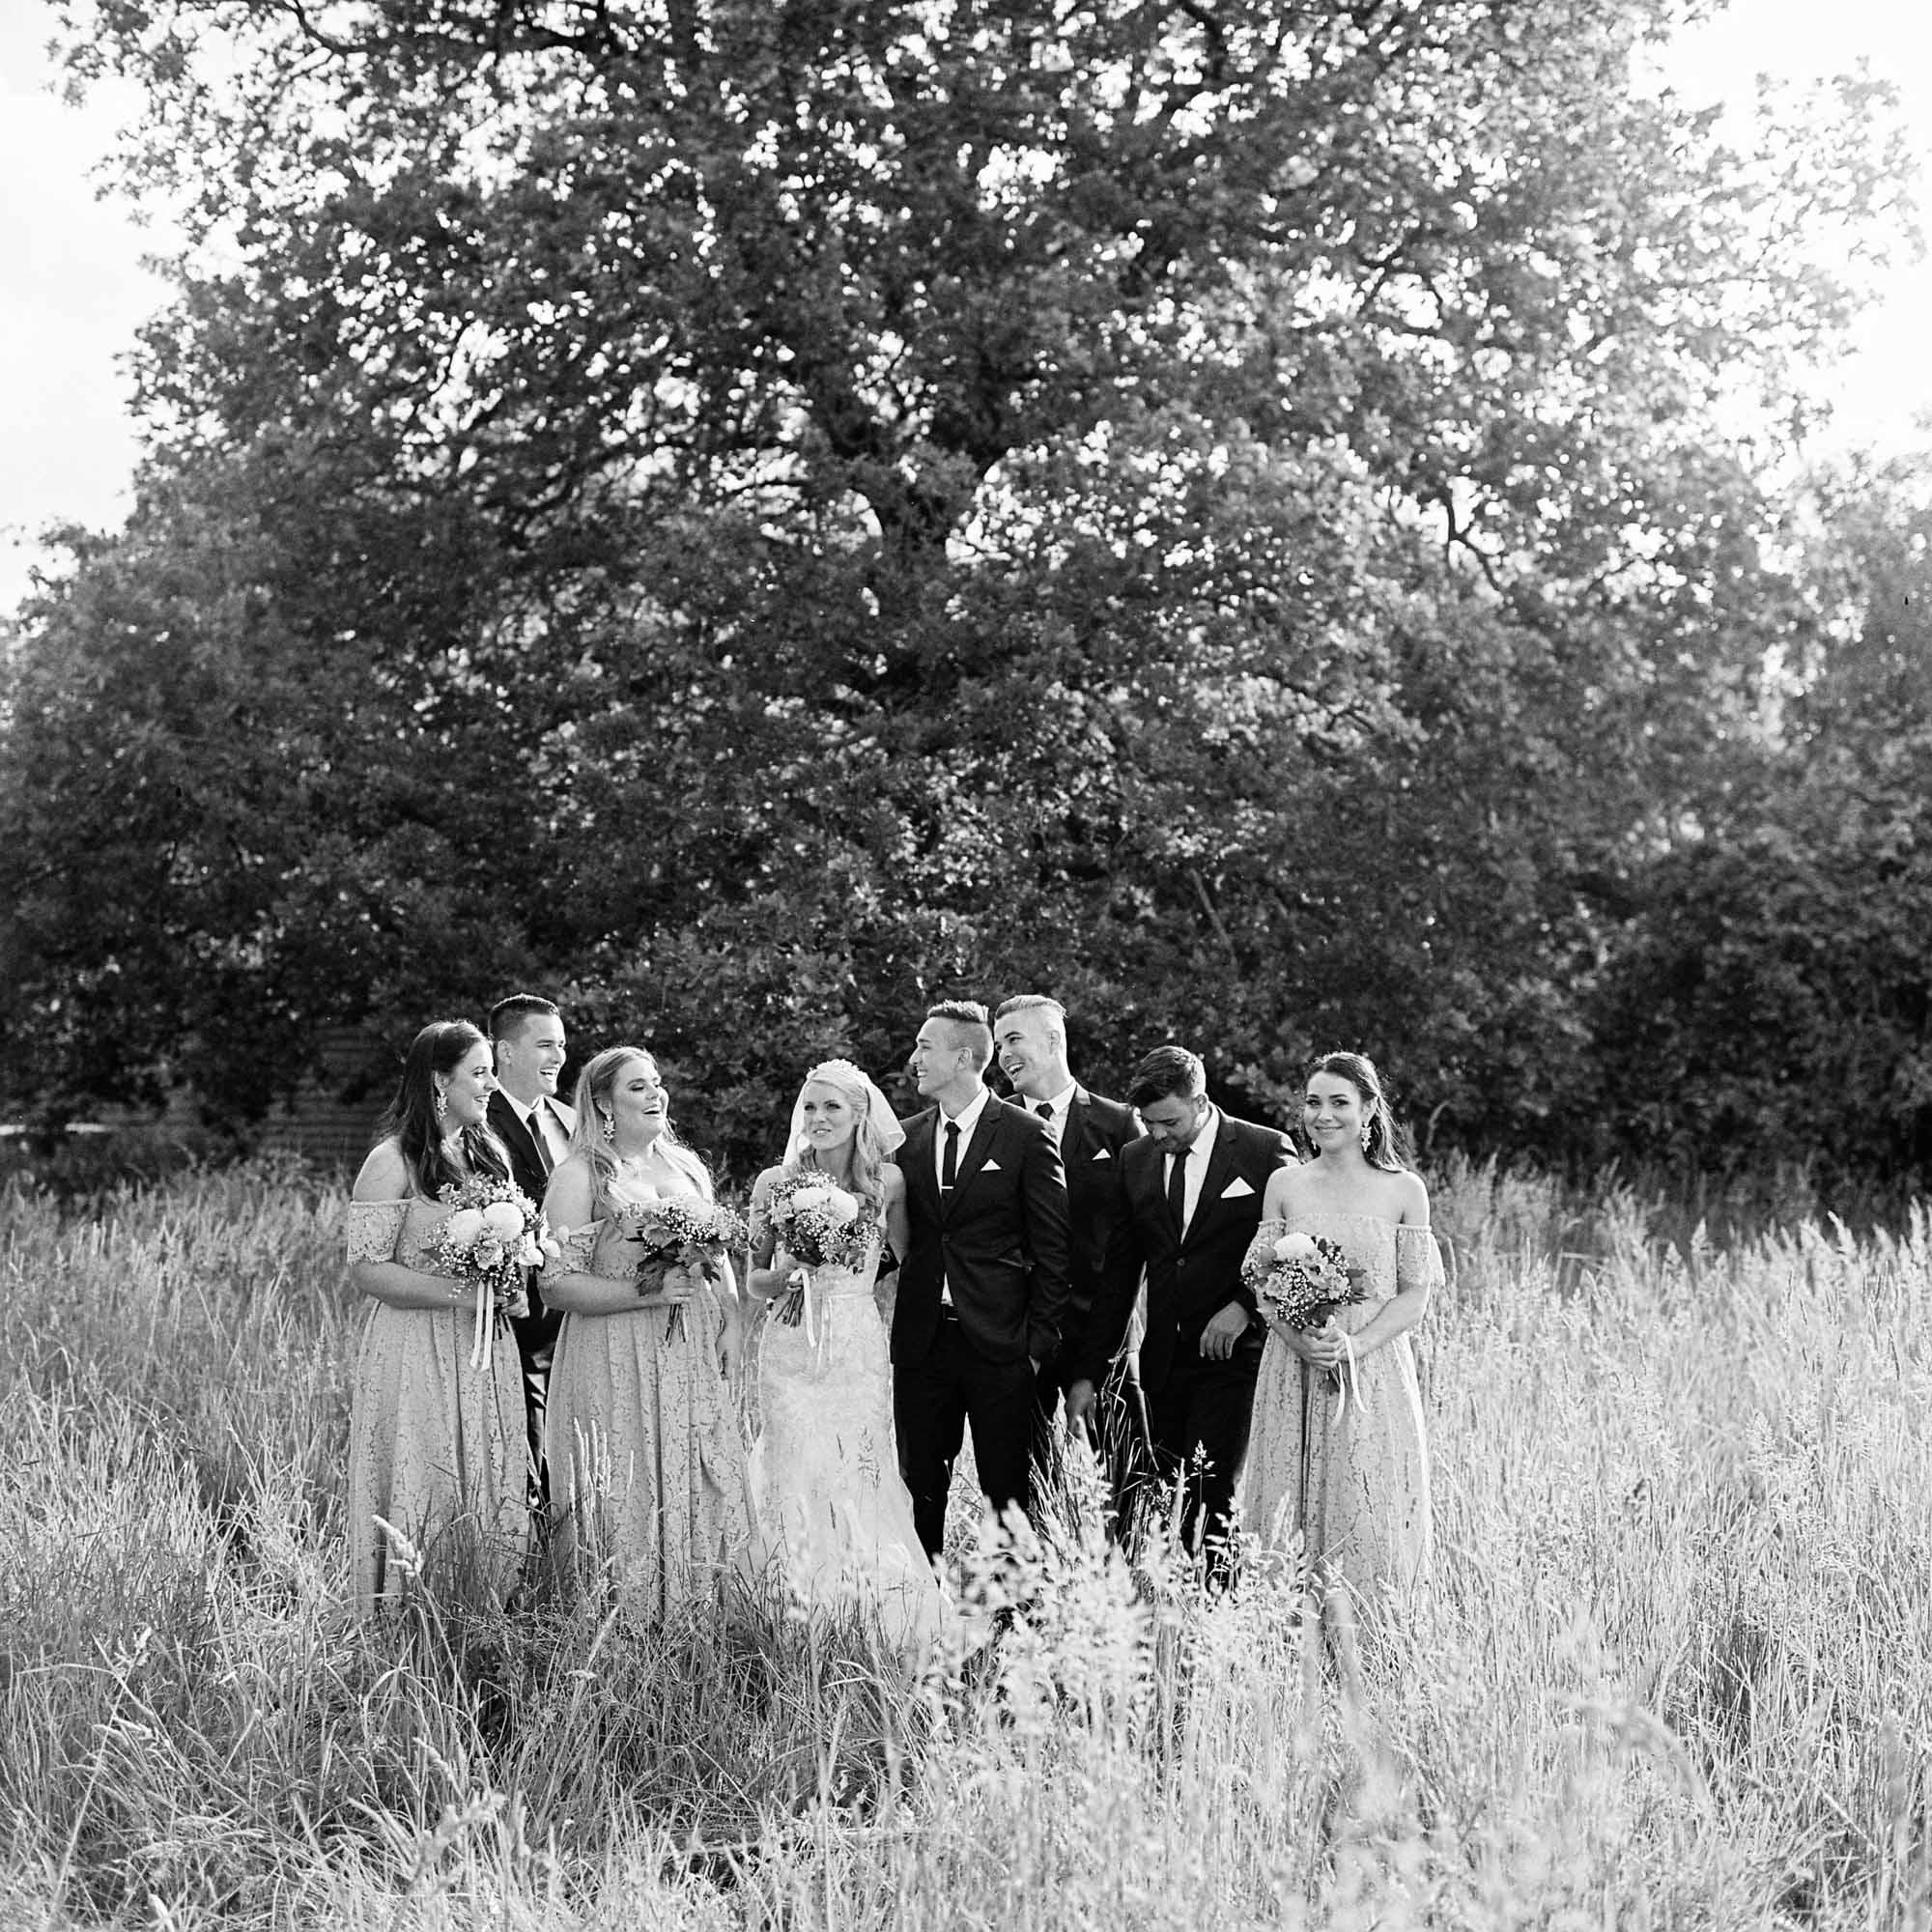 Whitehouse-hahndorf-wedding-photography-074.jpg